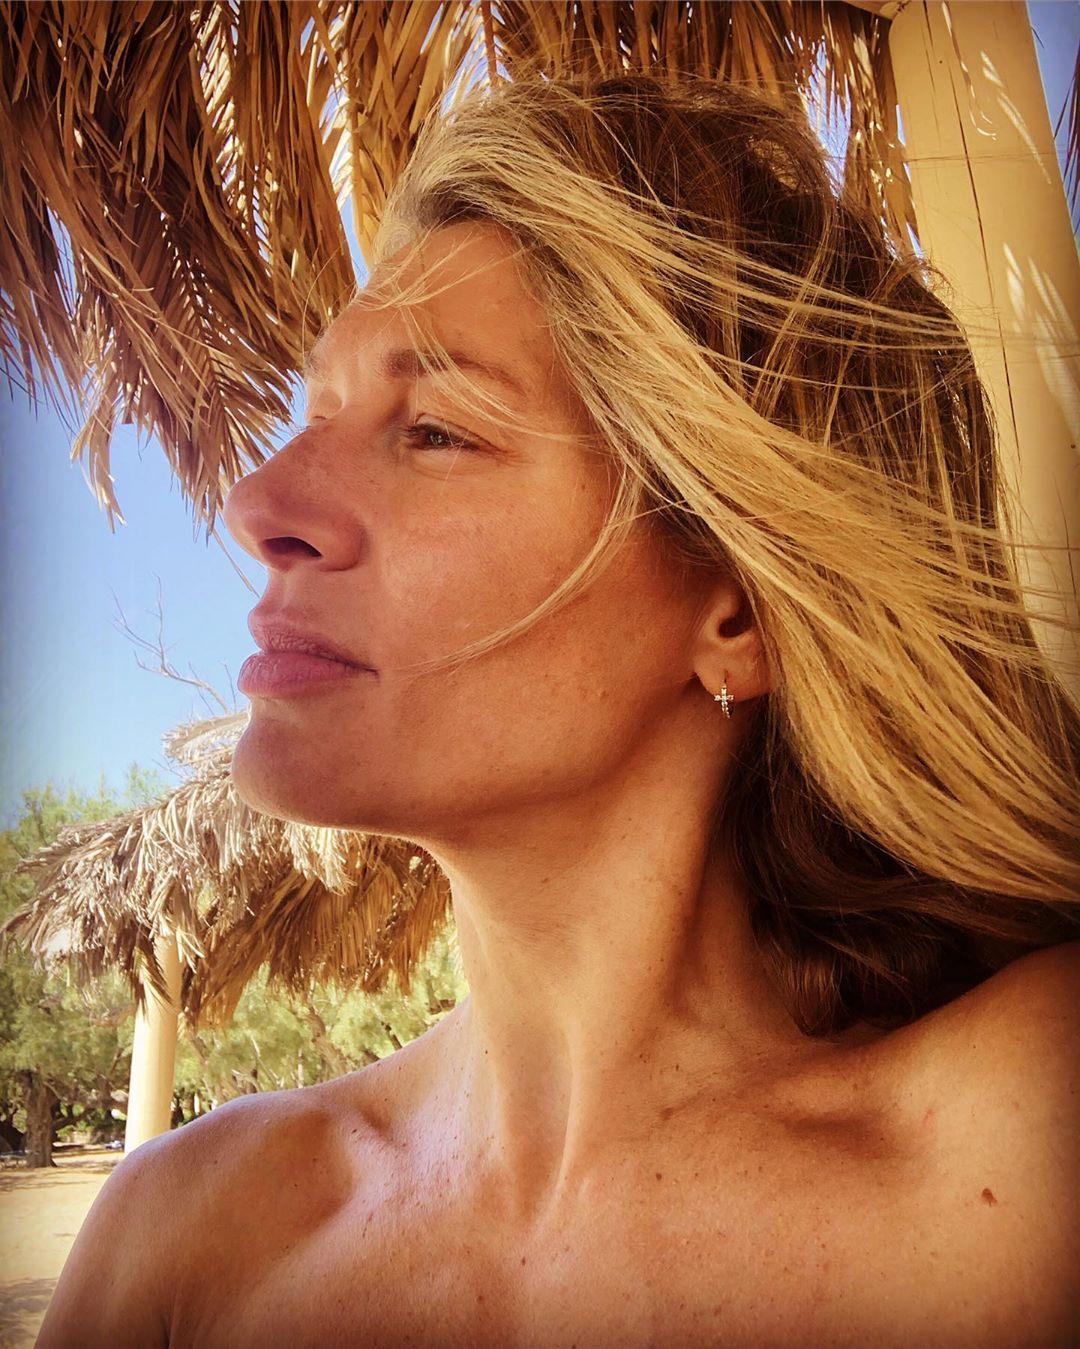 Ζέτα Δούκα: Ποζάρει χωρίς ίχνος μακιγιάζ στις καλοκαιρινές διακοπές της!